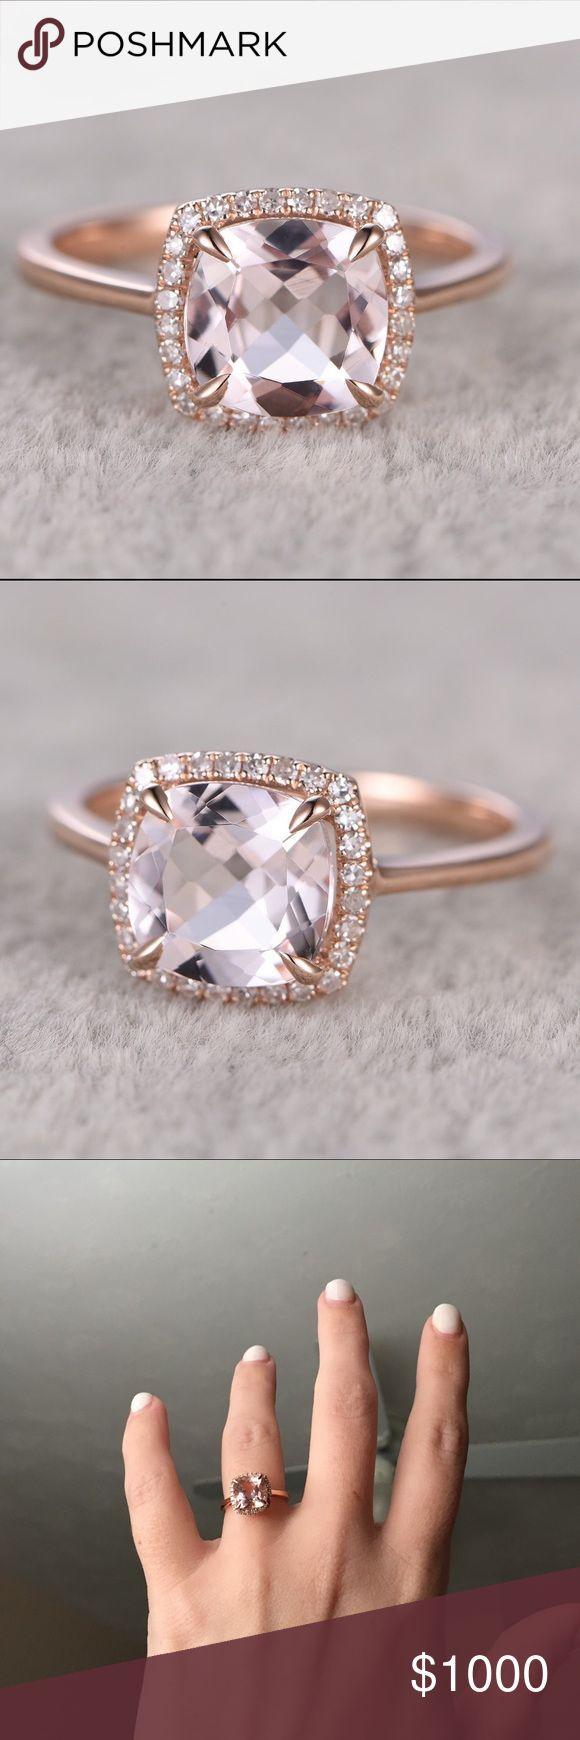 Price Firm 14k Rose Gold Morganite Ring Rose Gold Morganite Ringconflict  Free Diamondsdiamond